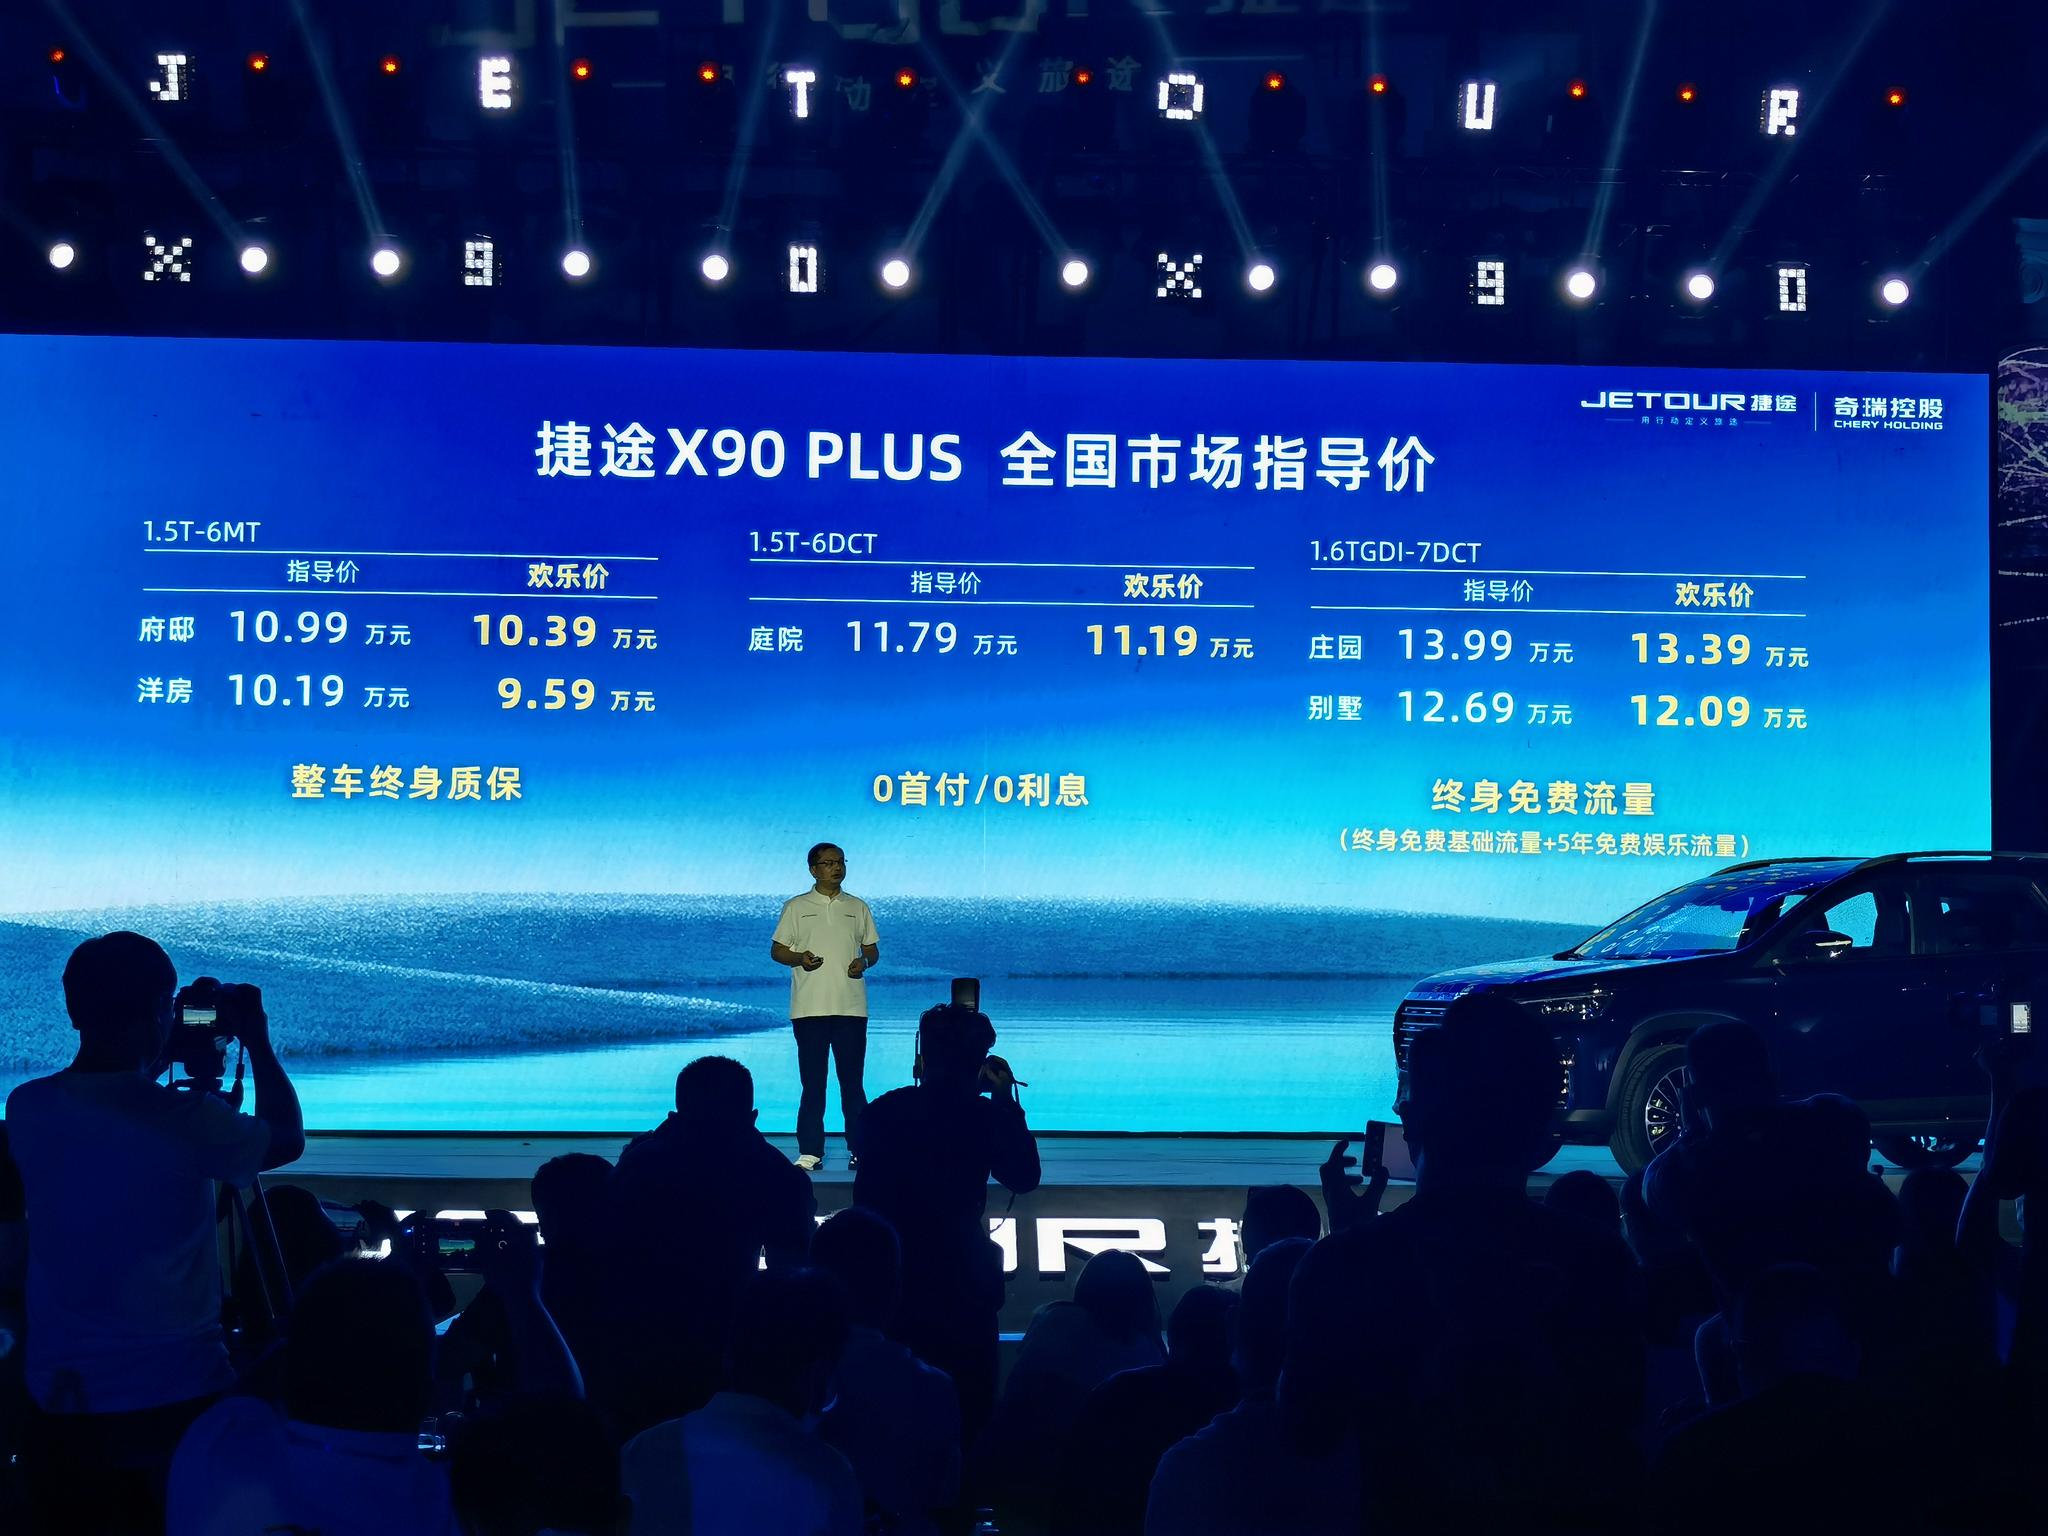 配置升级 捷途X90 PLUS上市 售价10.19-13.99万元